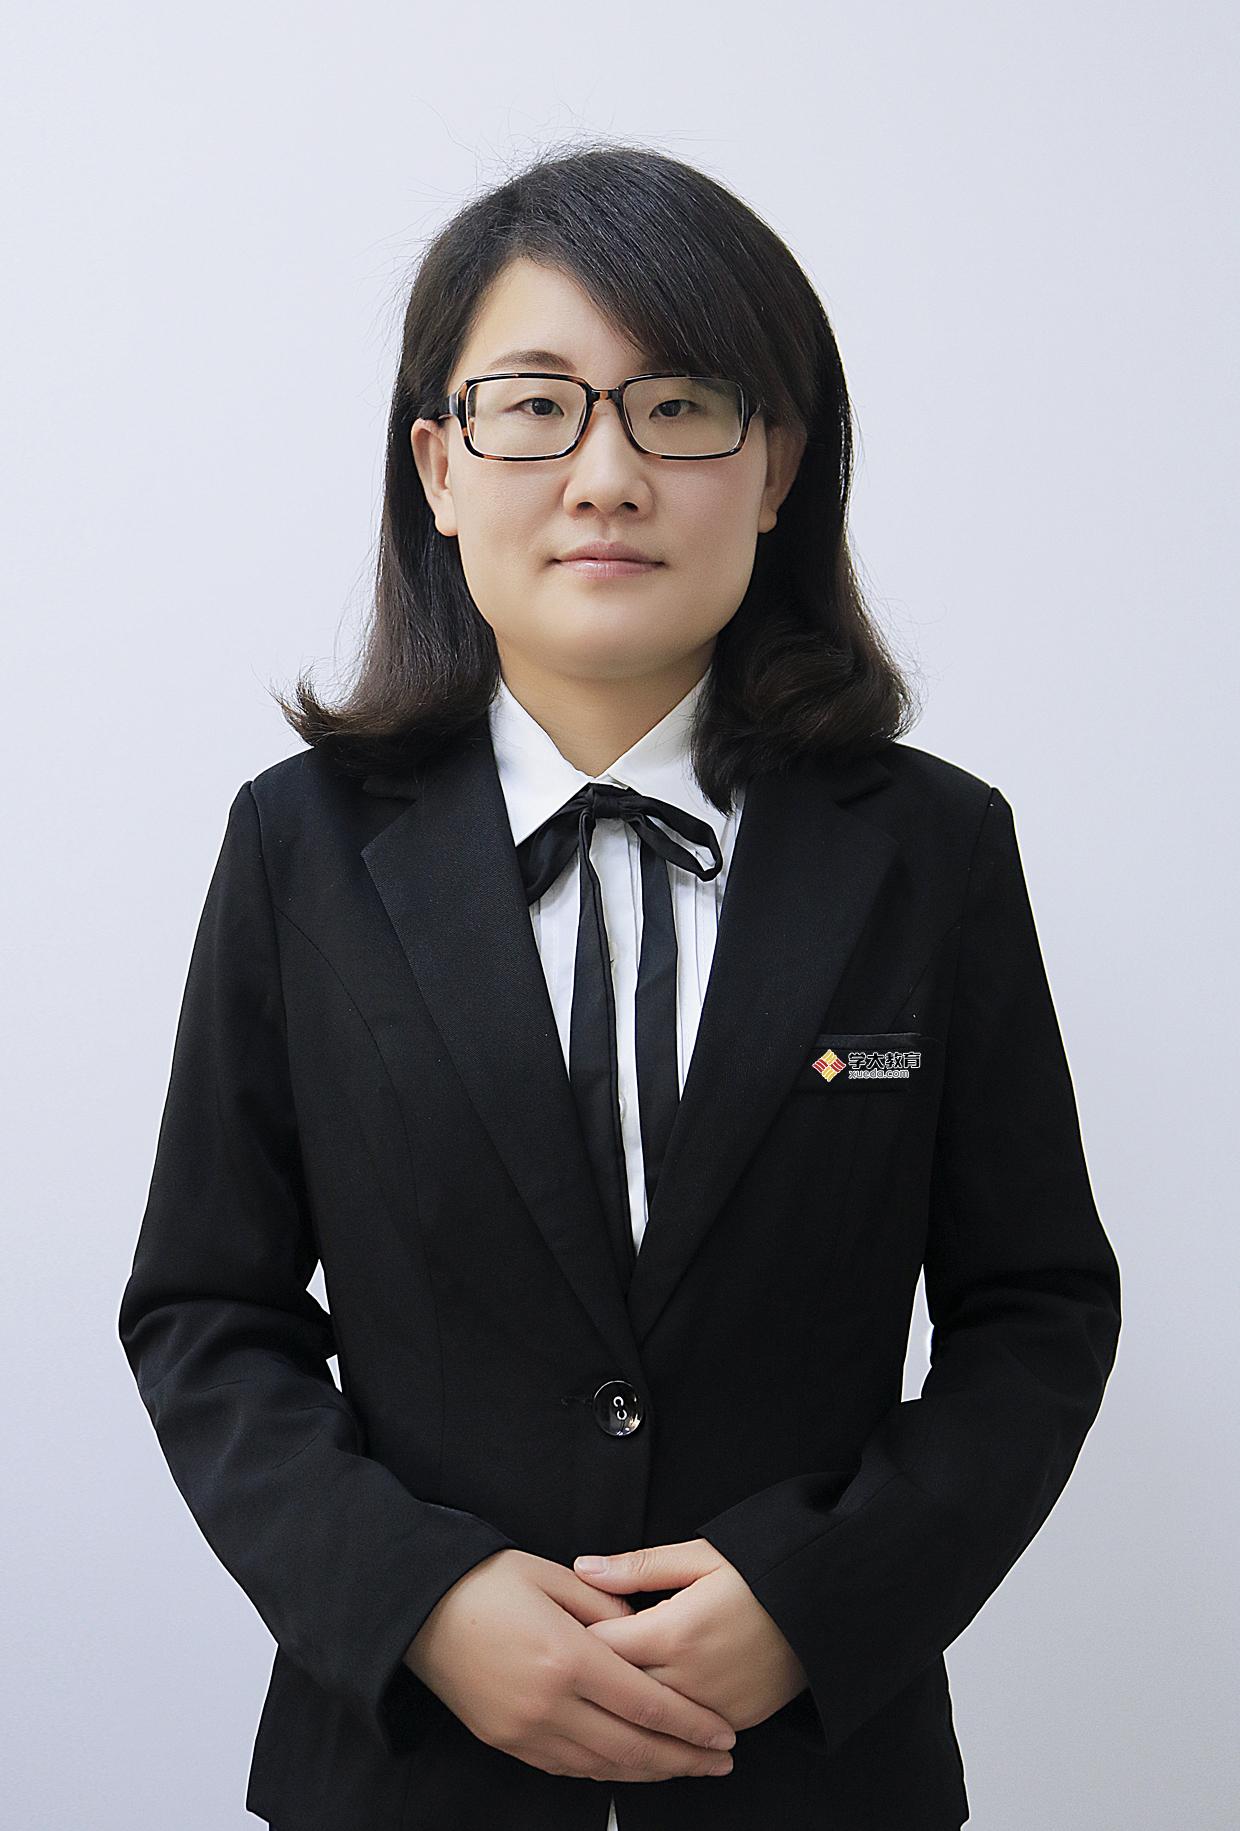 杭州家教陈云雪老师